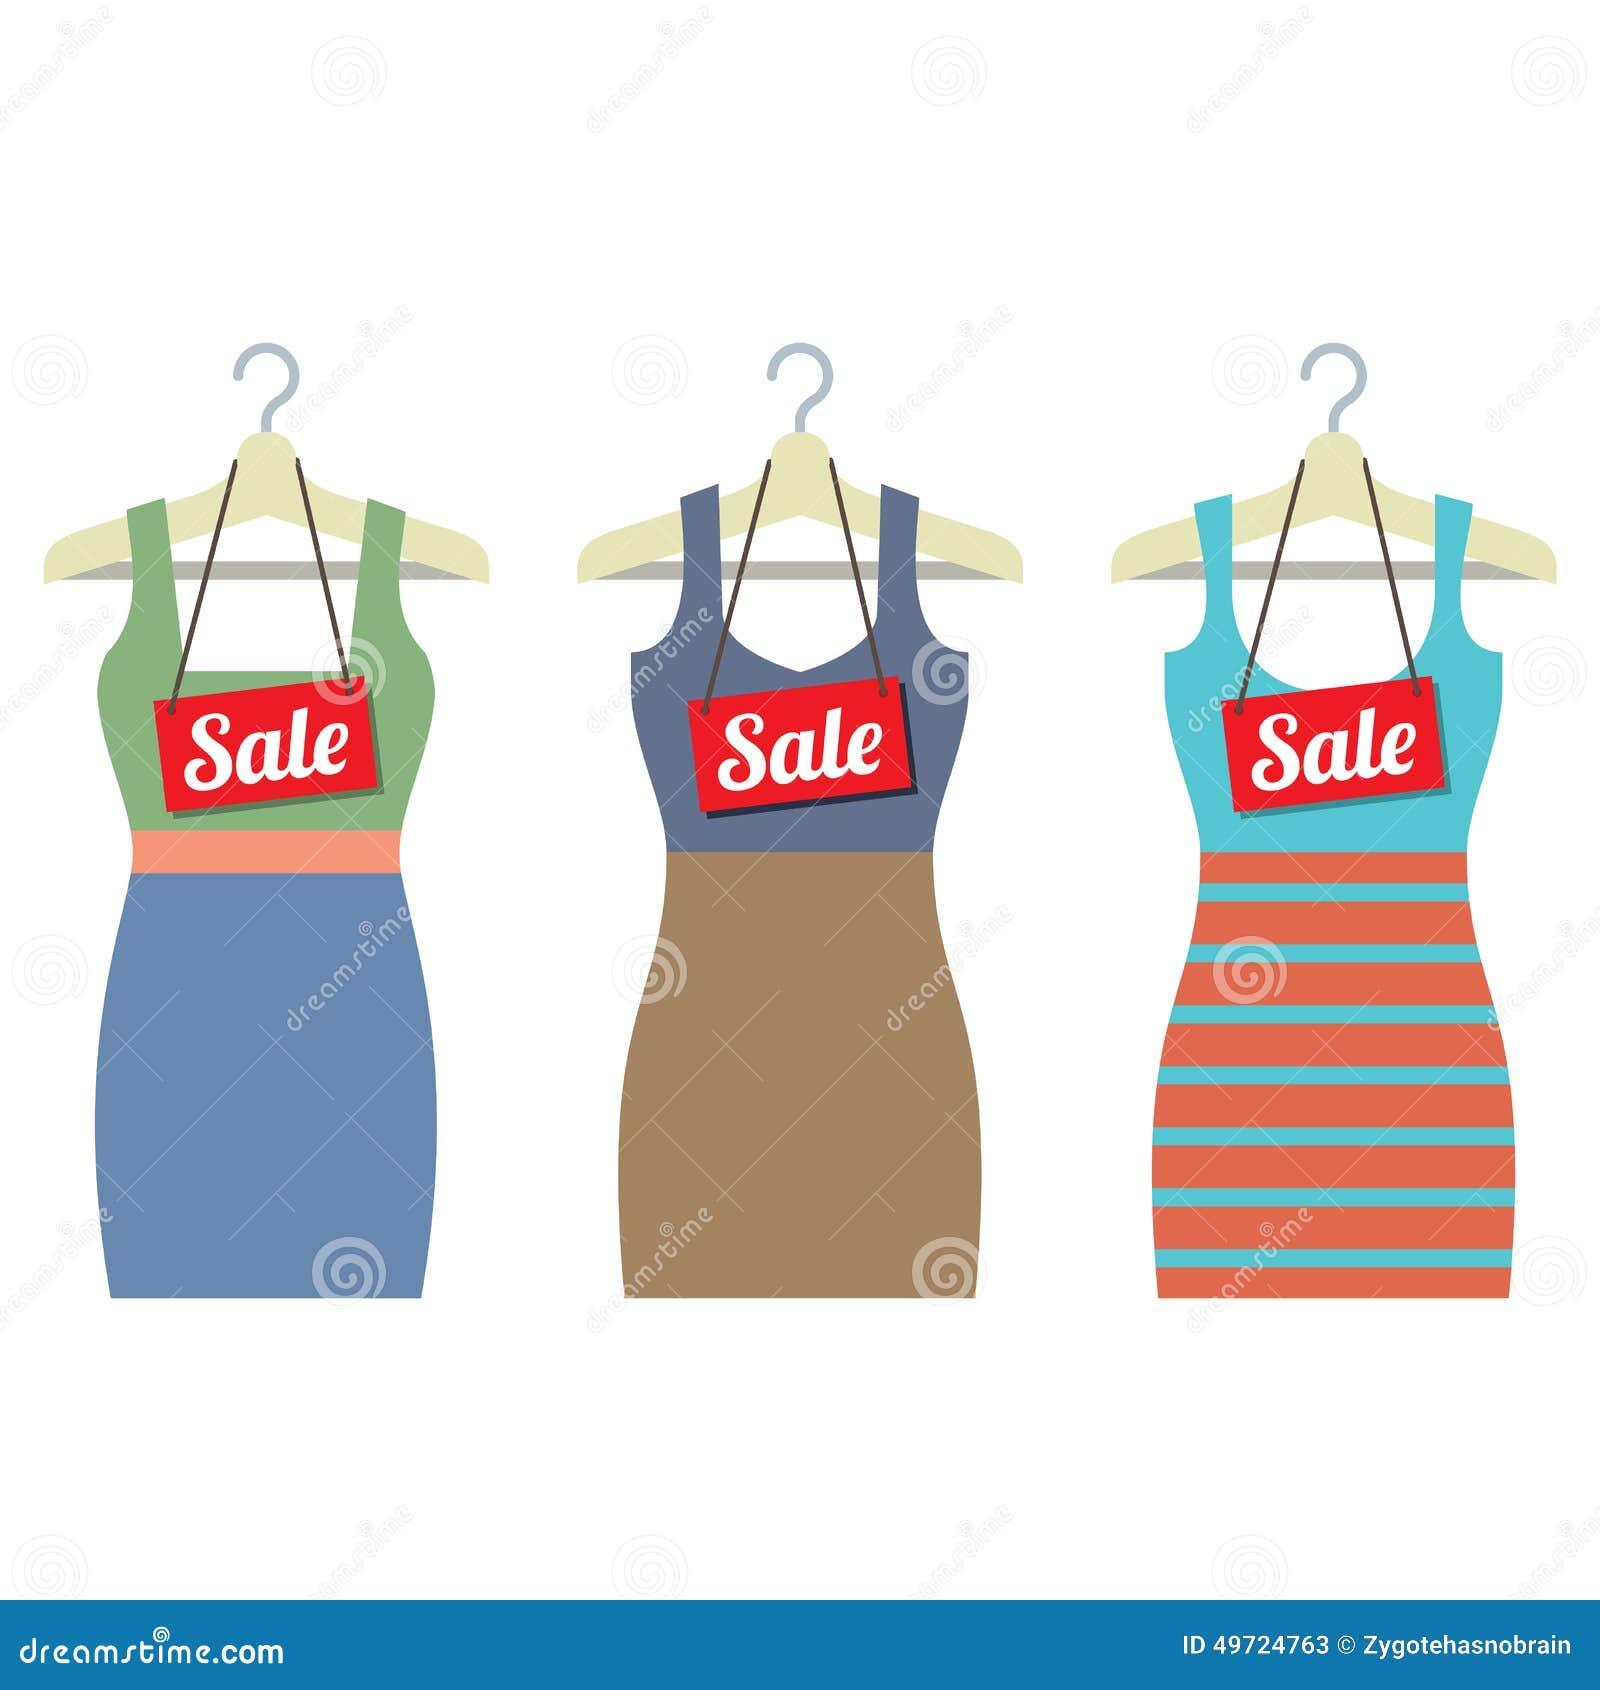 4c25f1cc3c6eb Les vêtements de femme sur le cintre avec la vente étiquette l'illustration  de vecteur